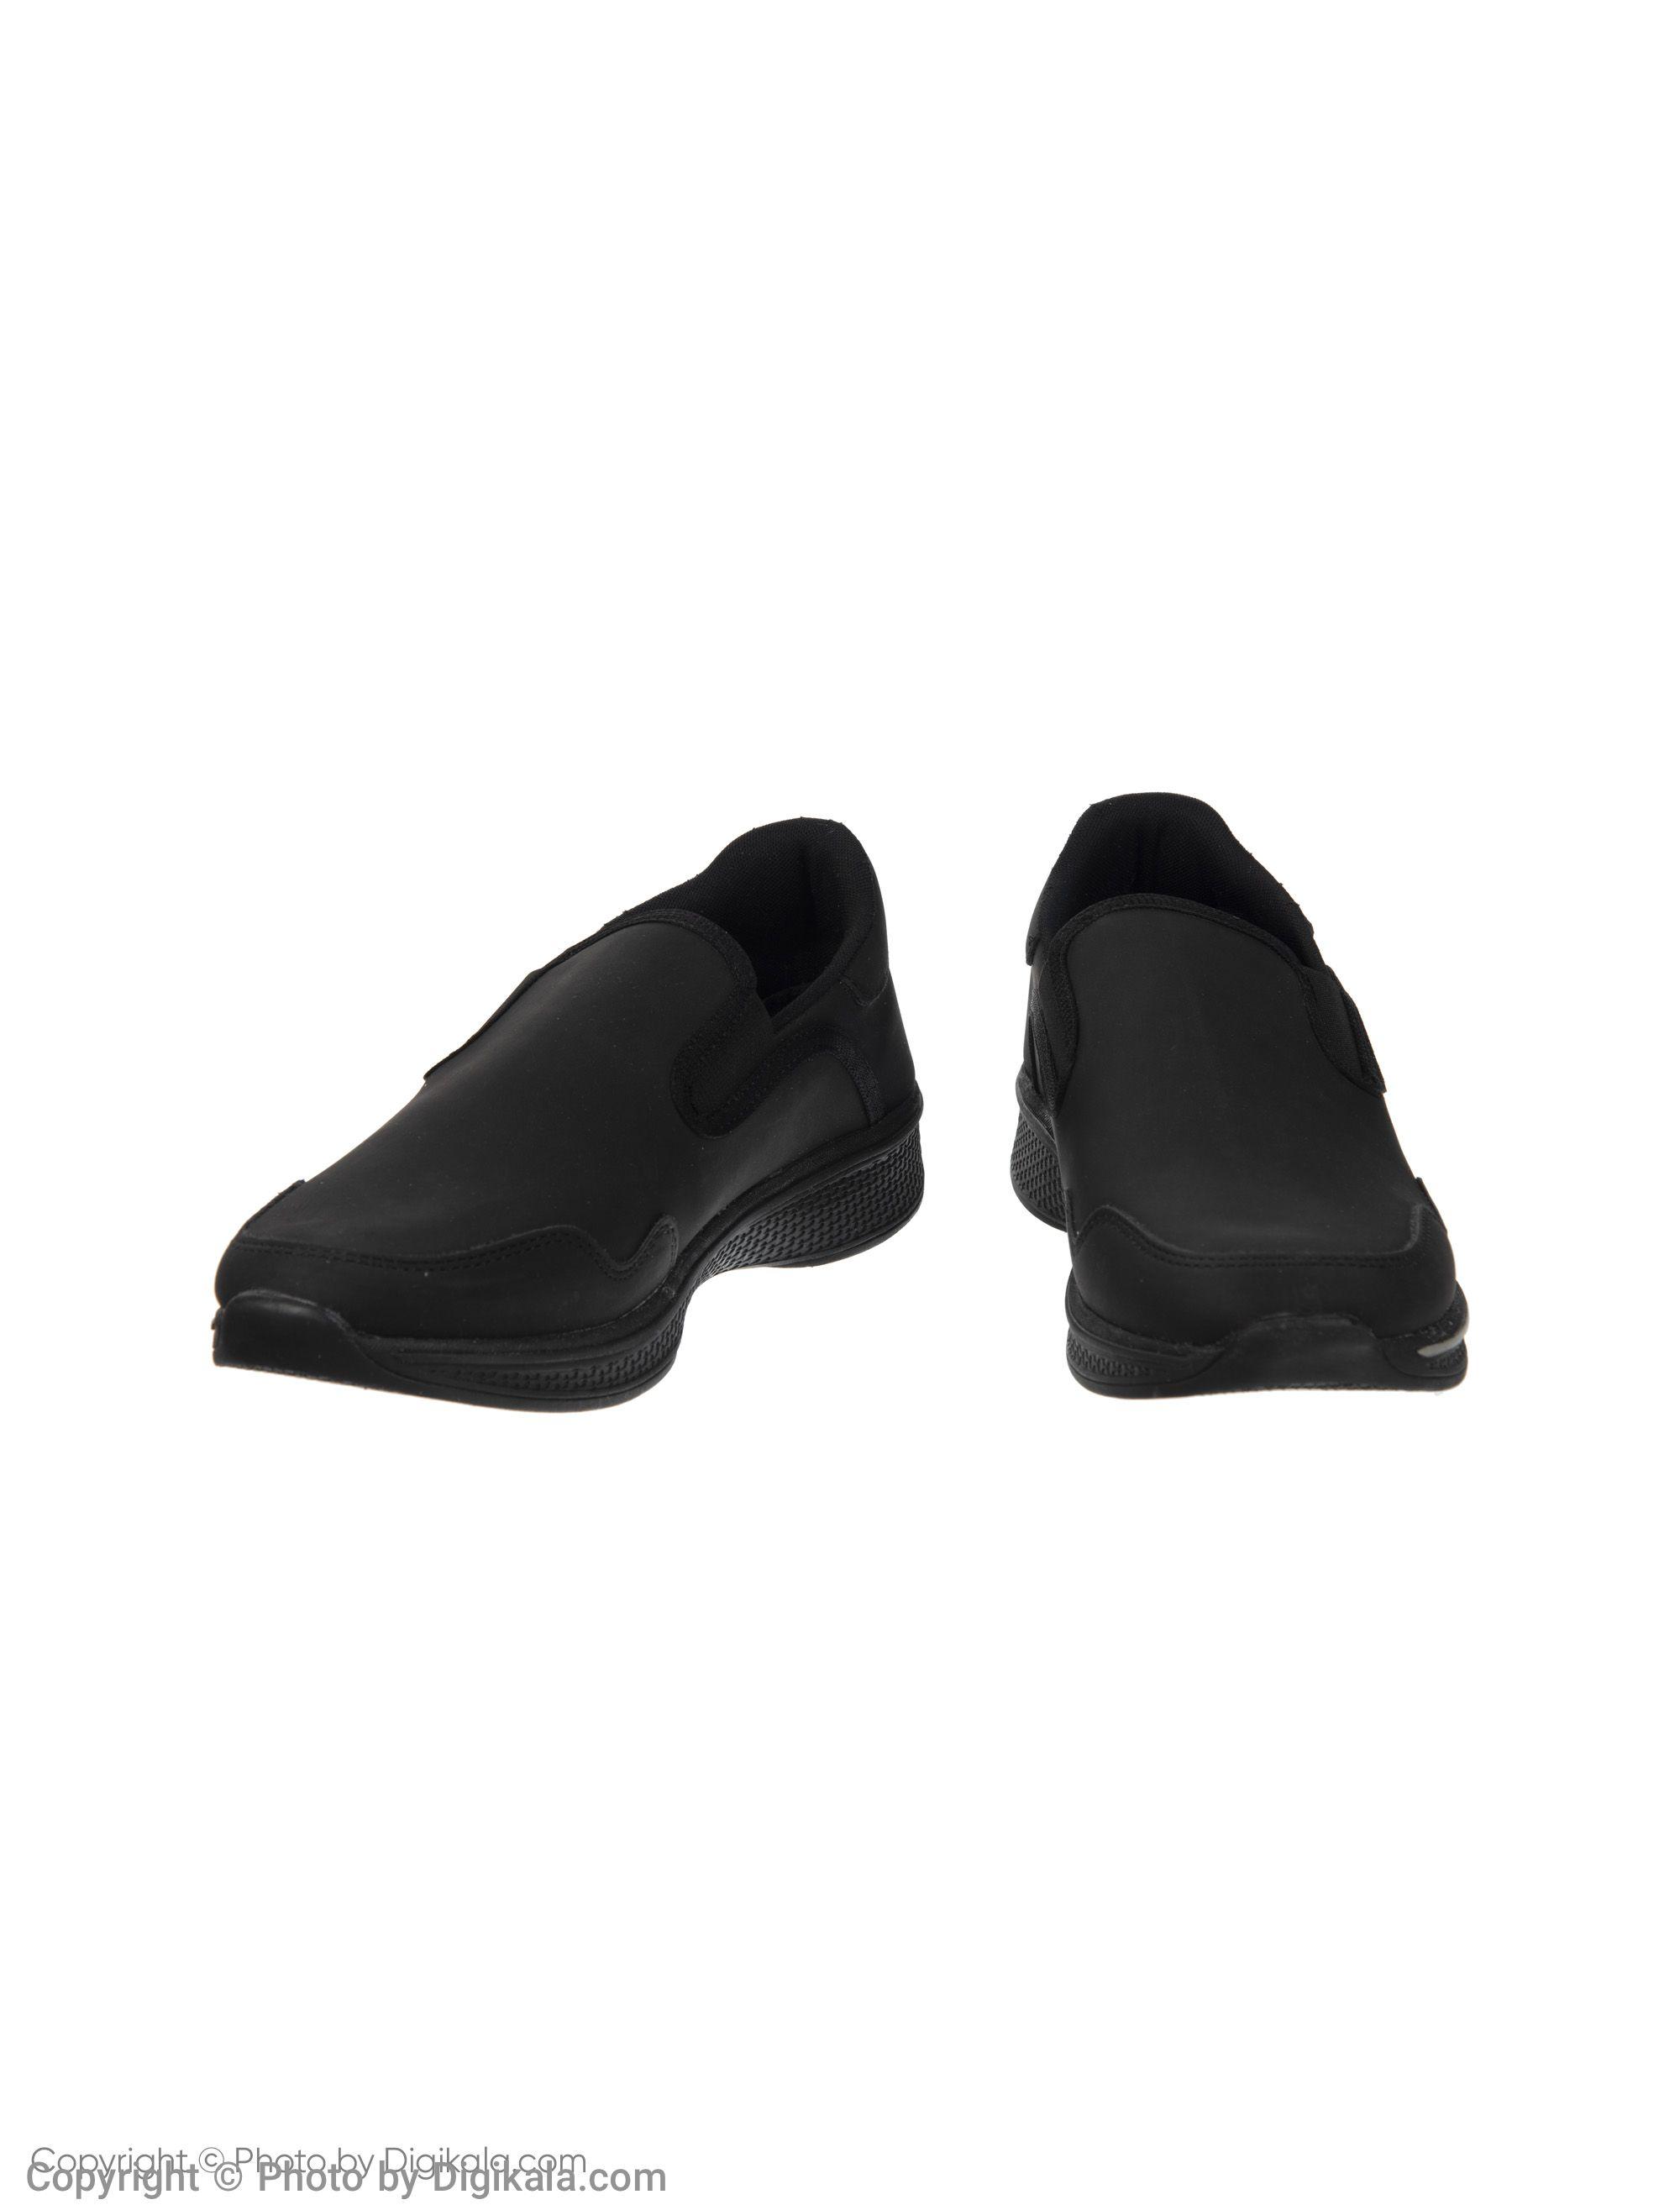 کفش زنانه مل اند موژ مدل W4301-1